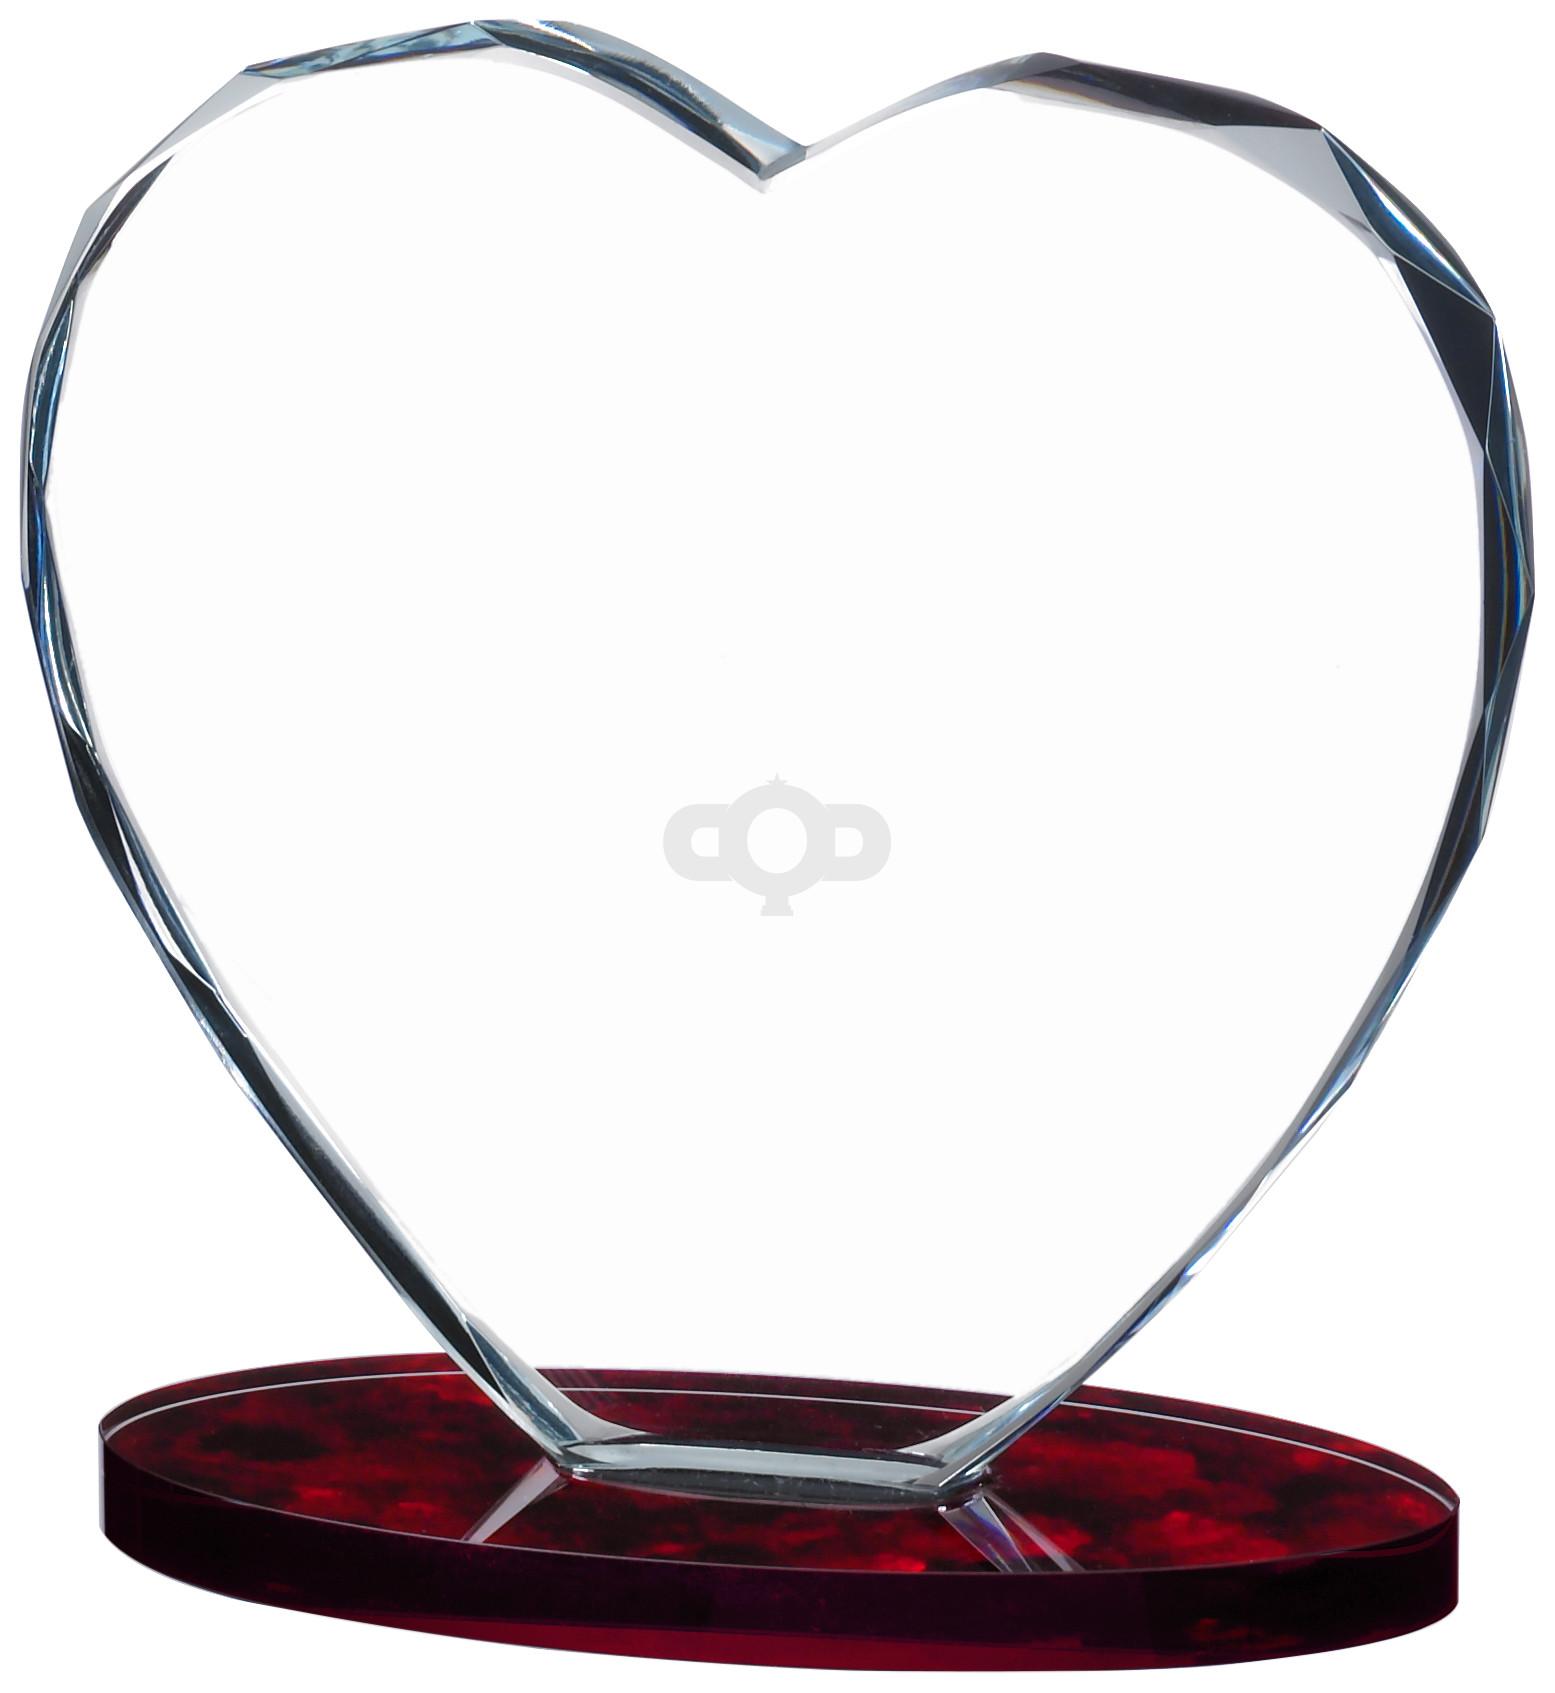 Heart Glass Award